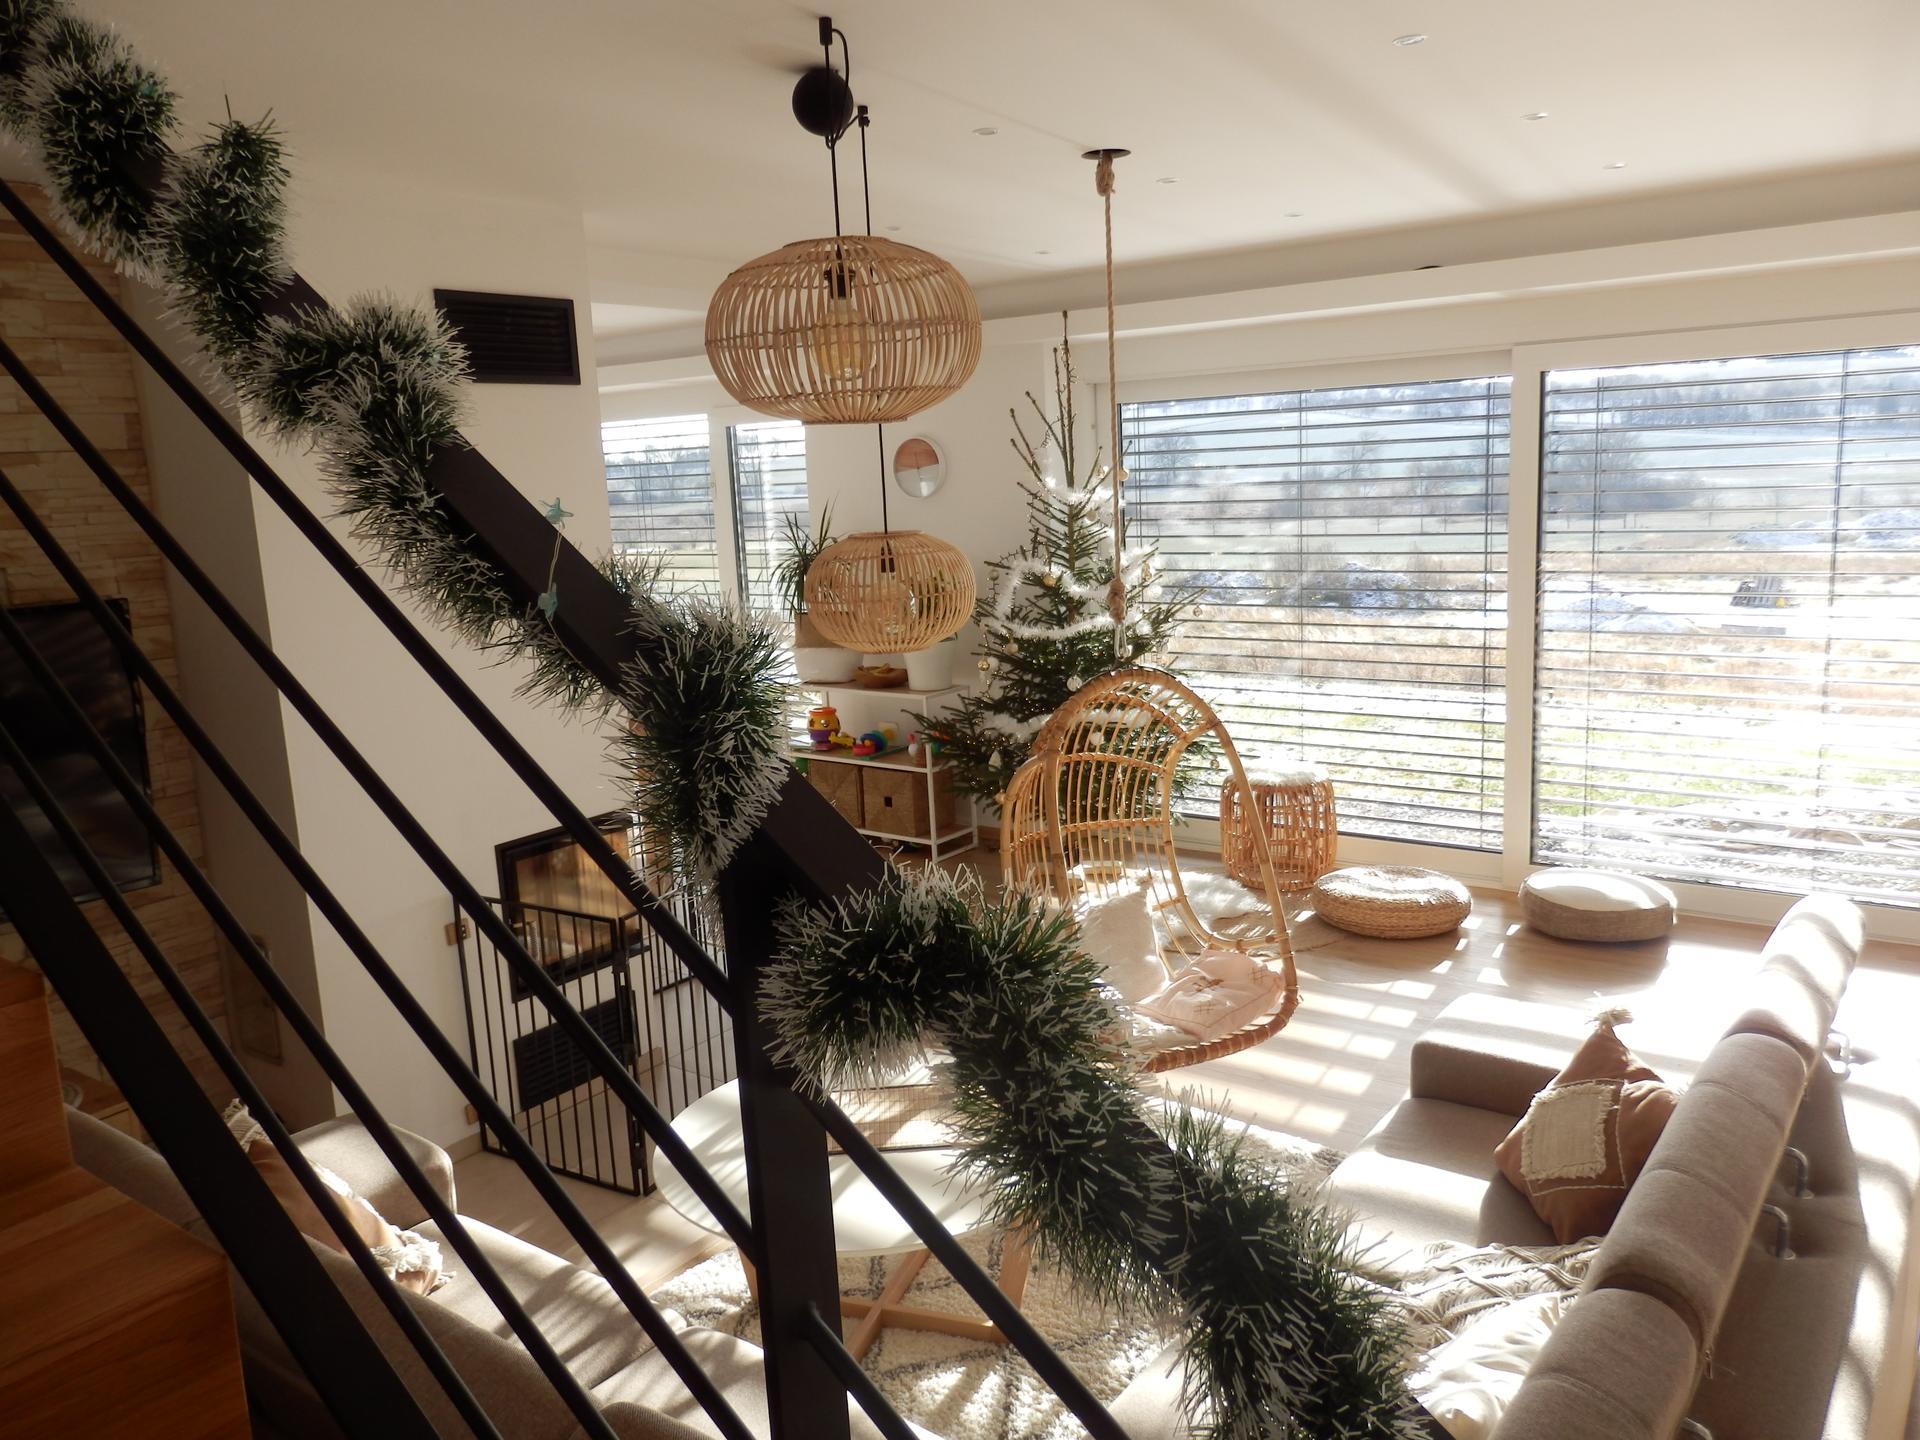 Nový DOMOV - Na naše první Vánoce v domečku jsme se moc těšili. :-)